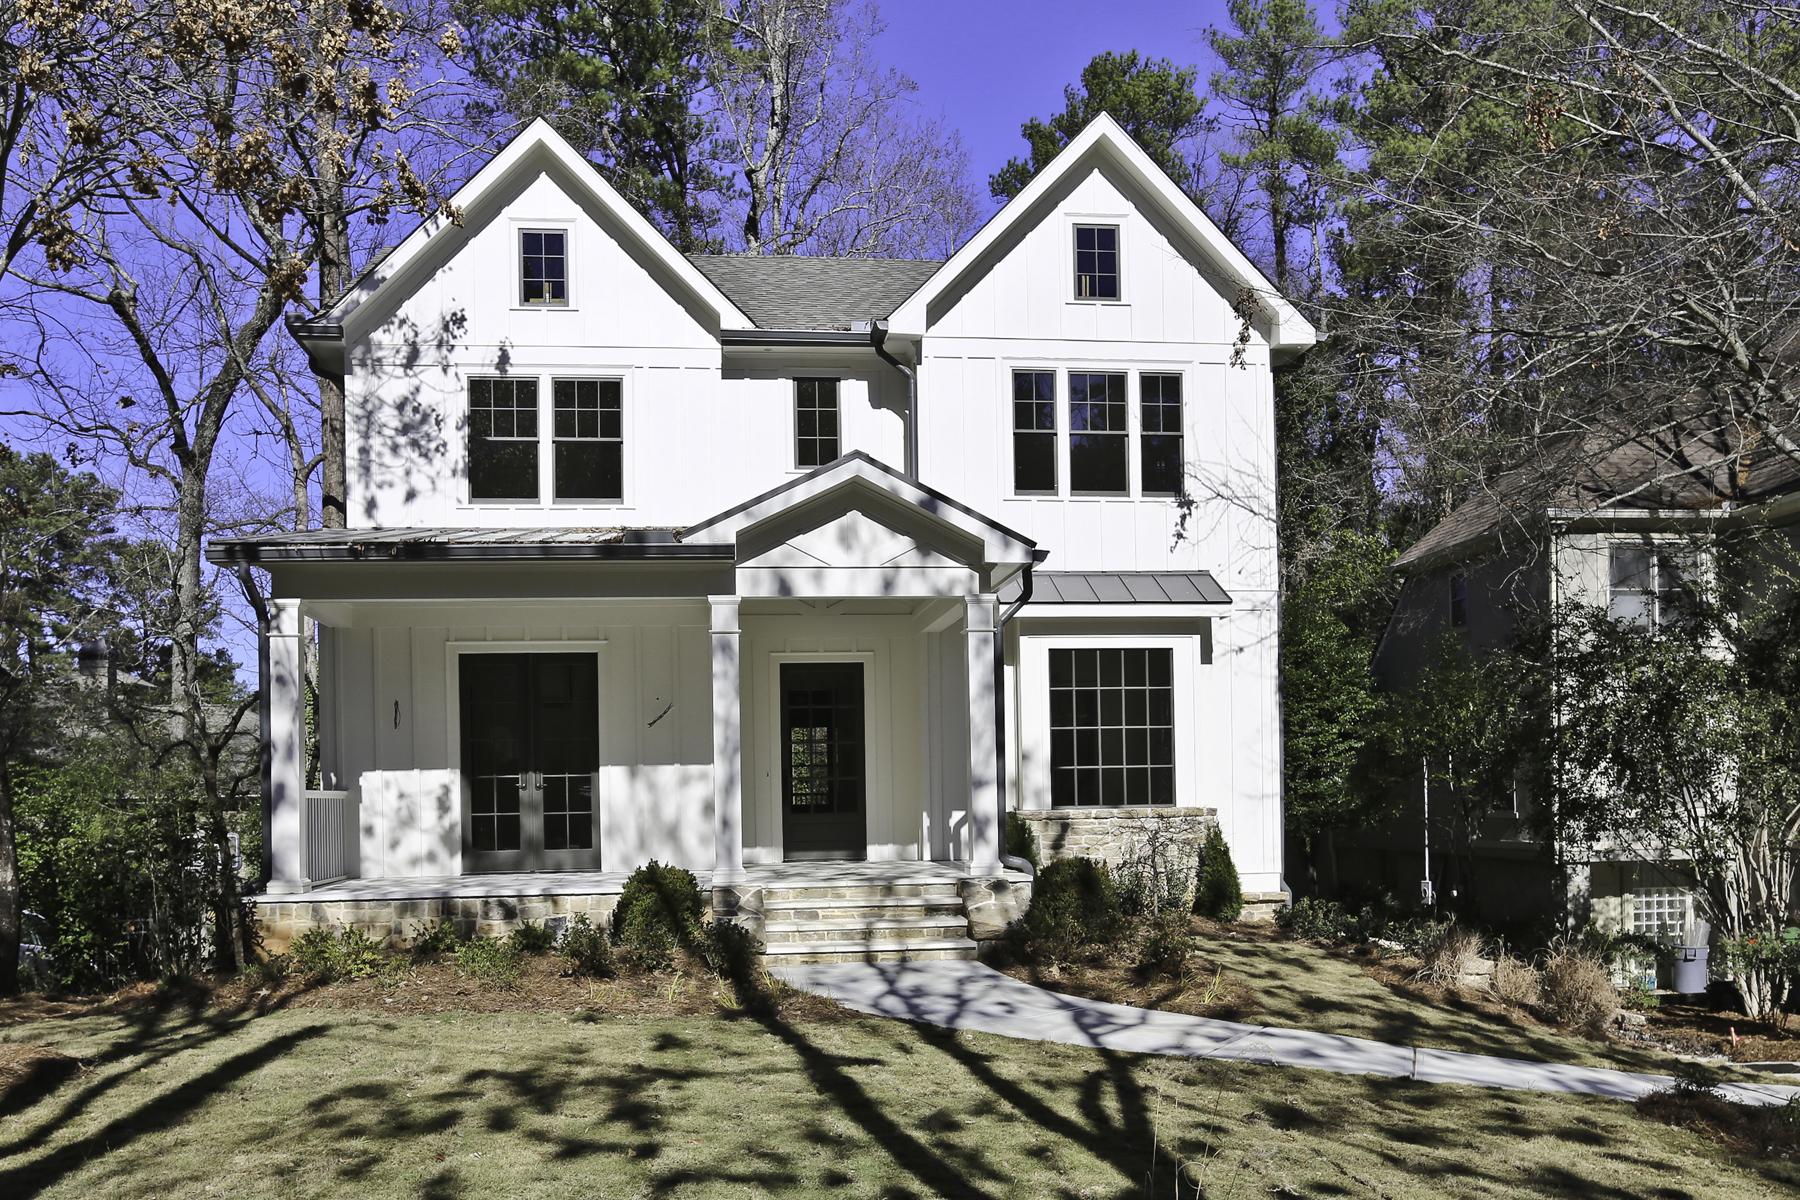 Tek Ailelik Ev için Satış at New Construction by JackBilt Homes. 870 Wildwood Road NE Morningside, Atlanta, Georgia, 30324 Amerika Birleşik Devletleri